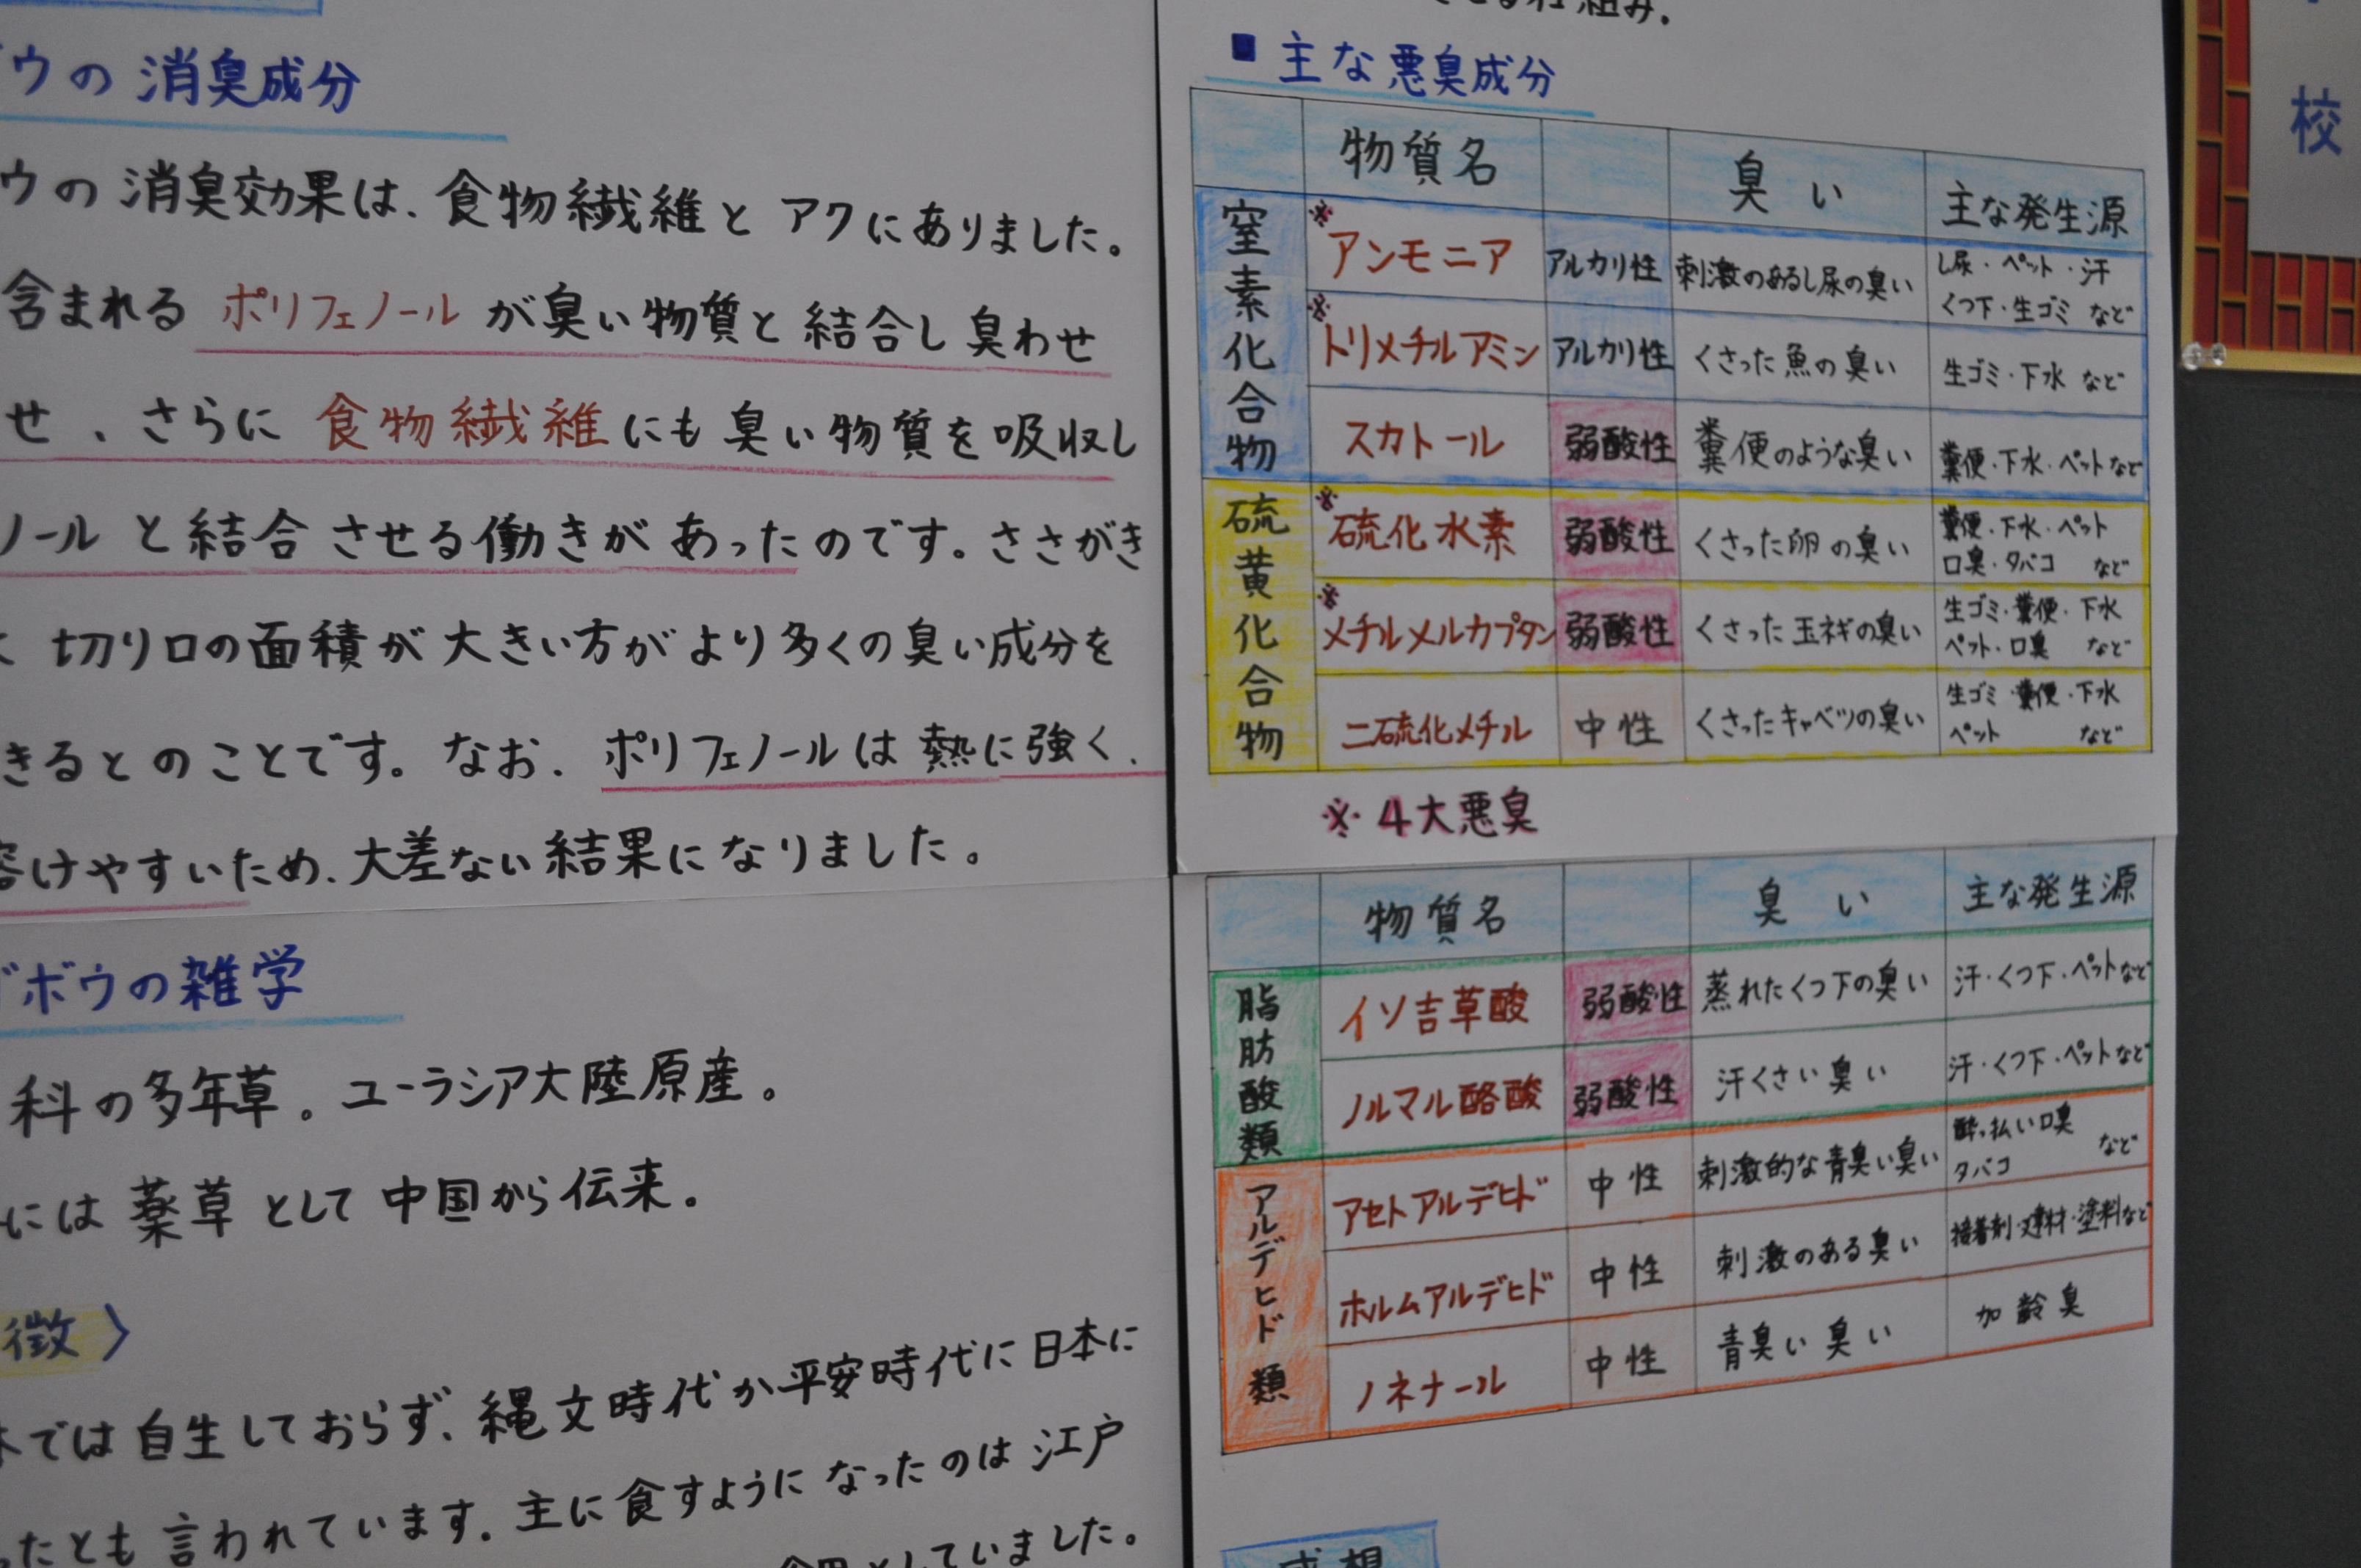 ただ今開催中! 三田市中学校理科自由研究作品展 - 兵庫県立人 ...